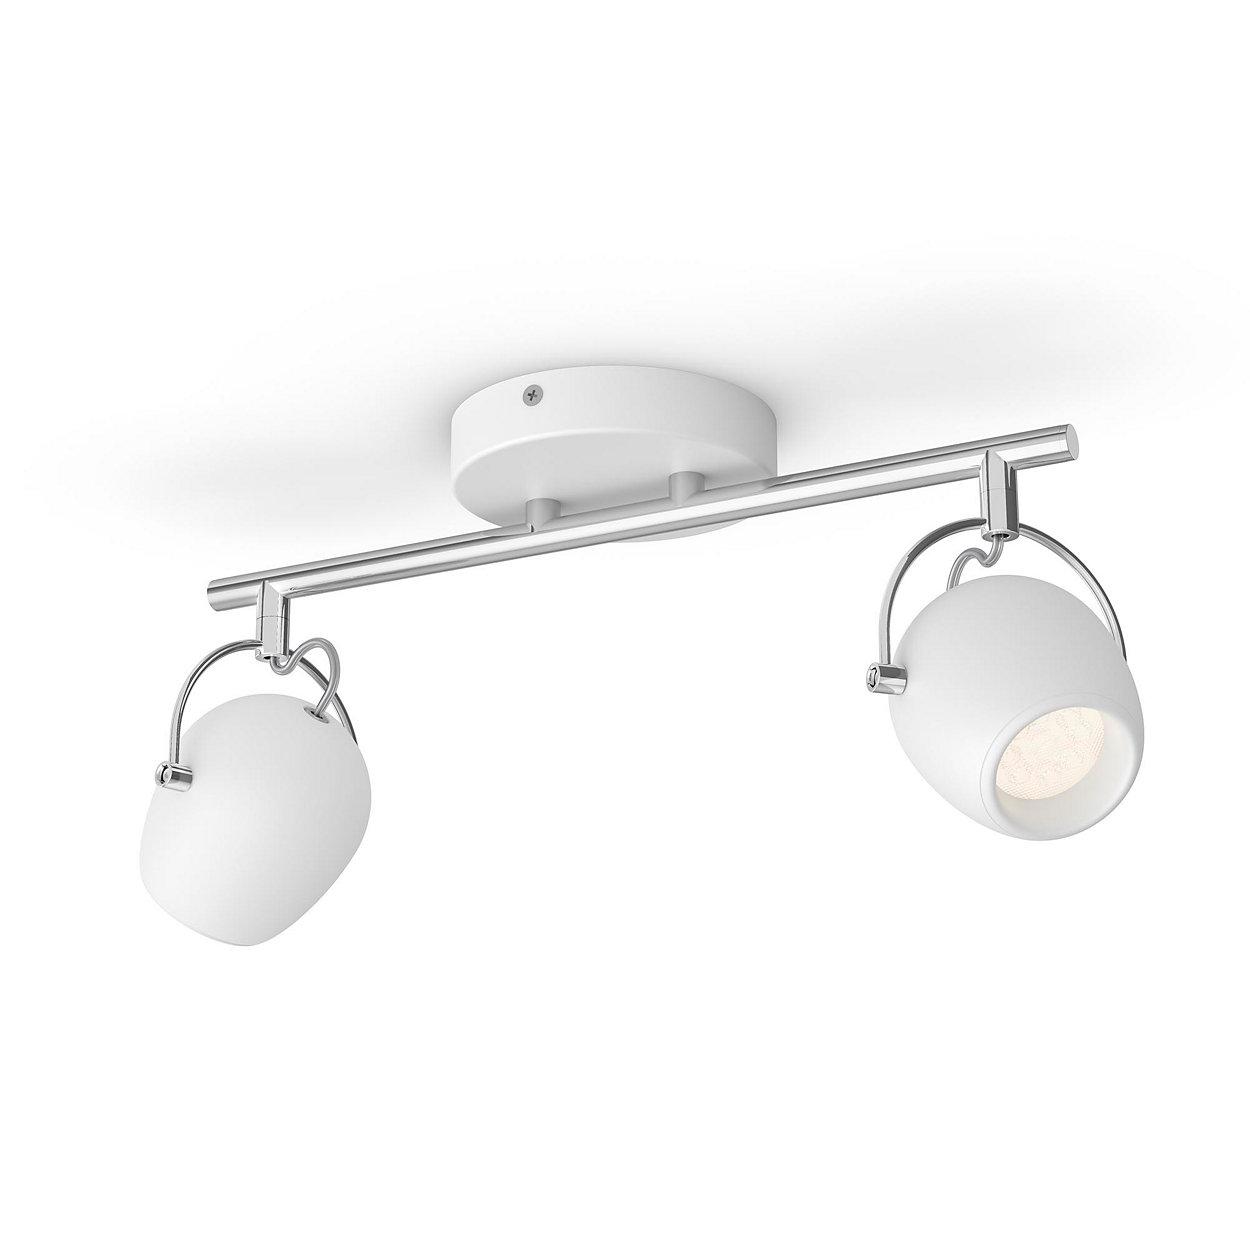 Iluminación LED confortante que no molestará sus ojos.